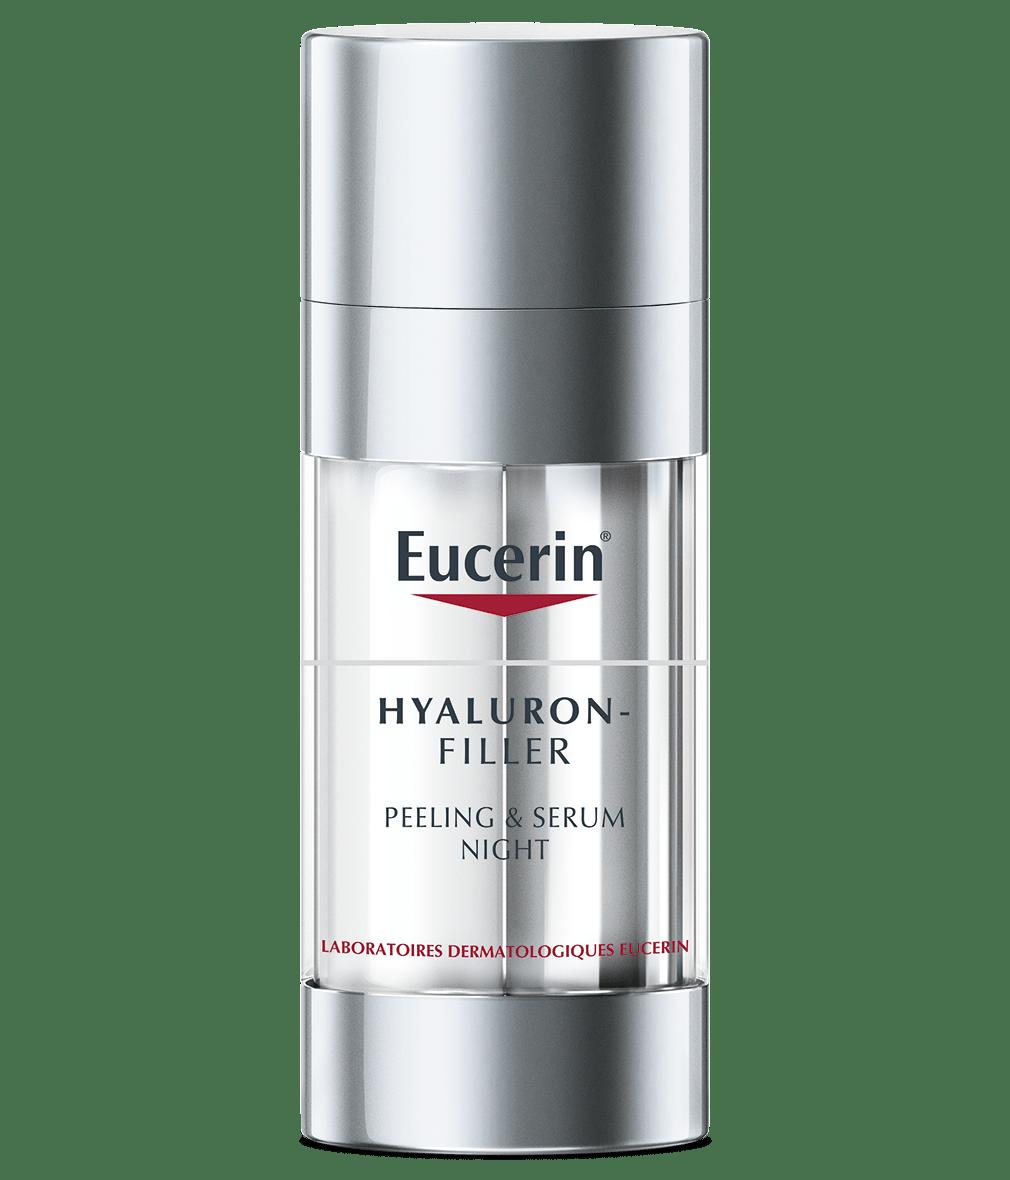 Hyaluron-Filler Peeling & Serum Nacht - anti-age peeling..